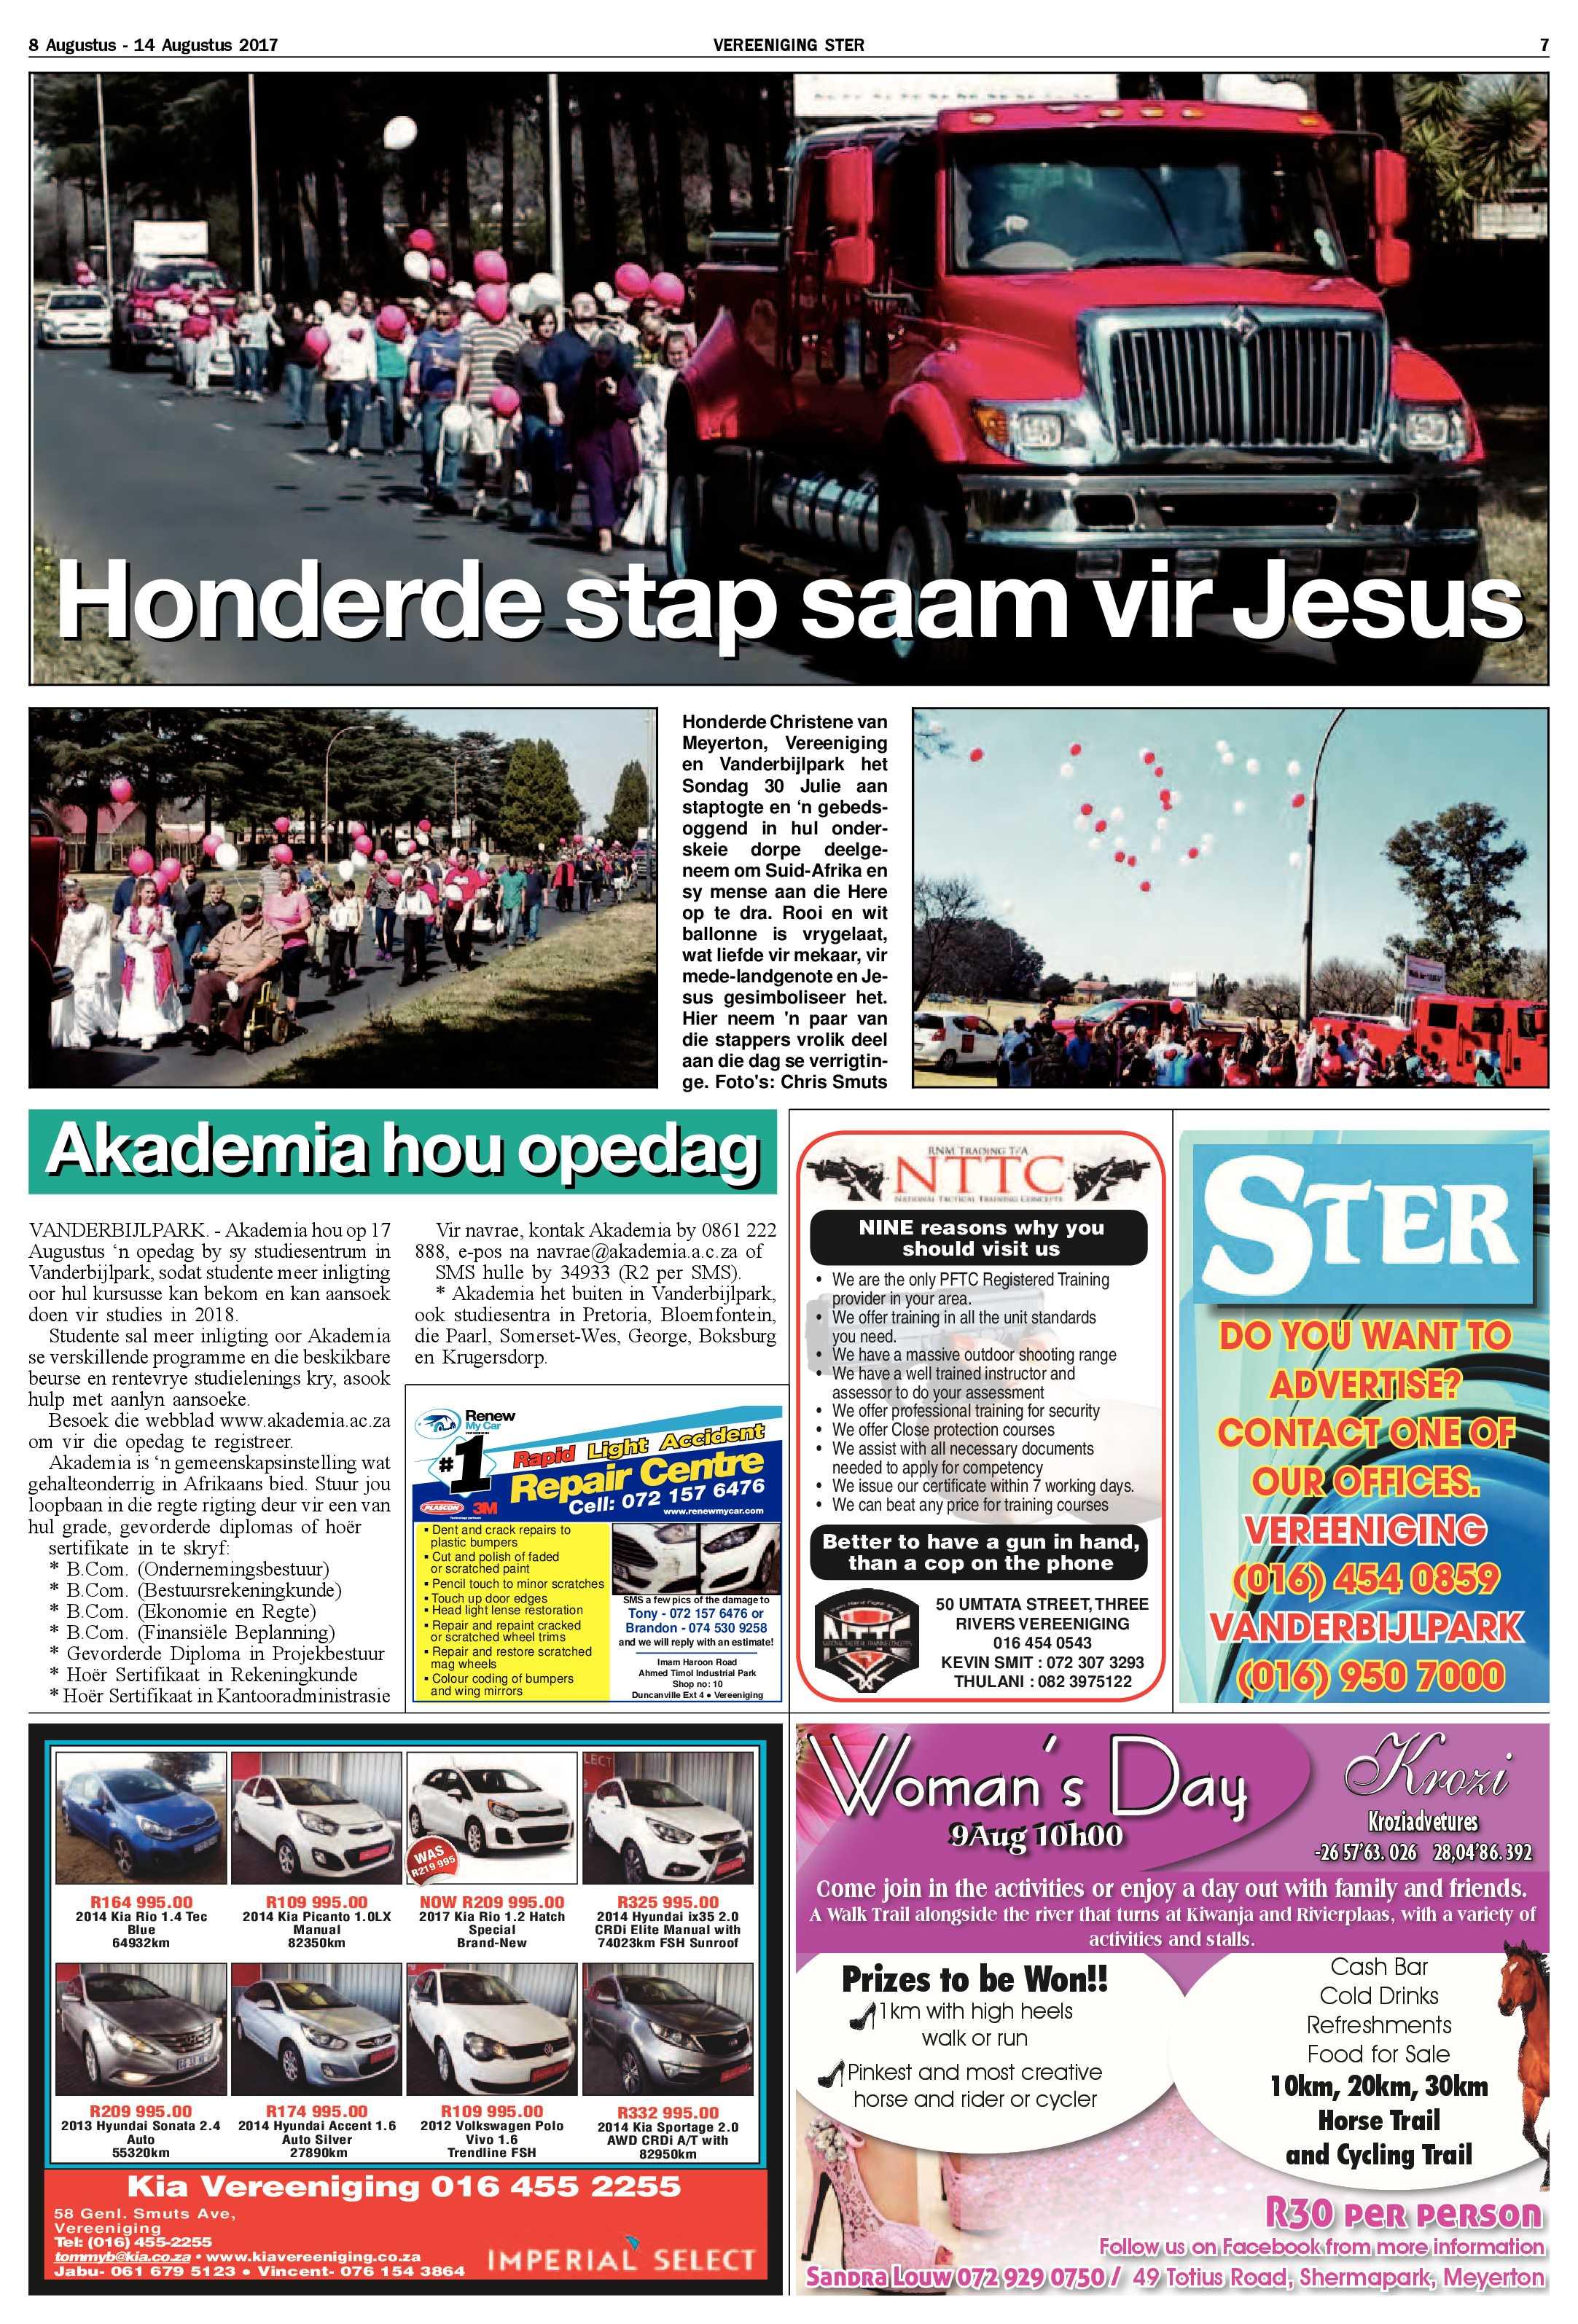 vereeniging-ster-8-14-augustus-2017-epapers-page-7